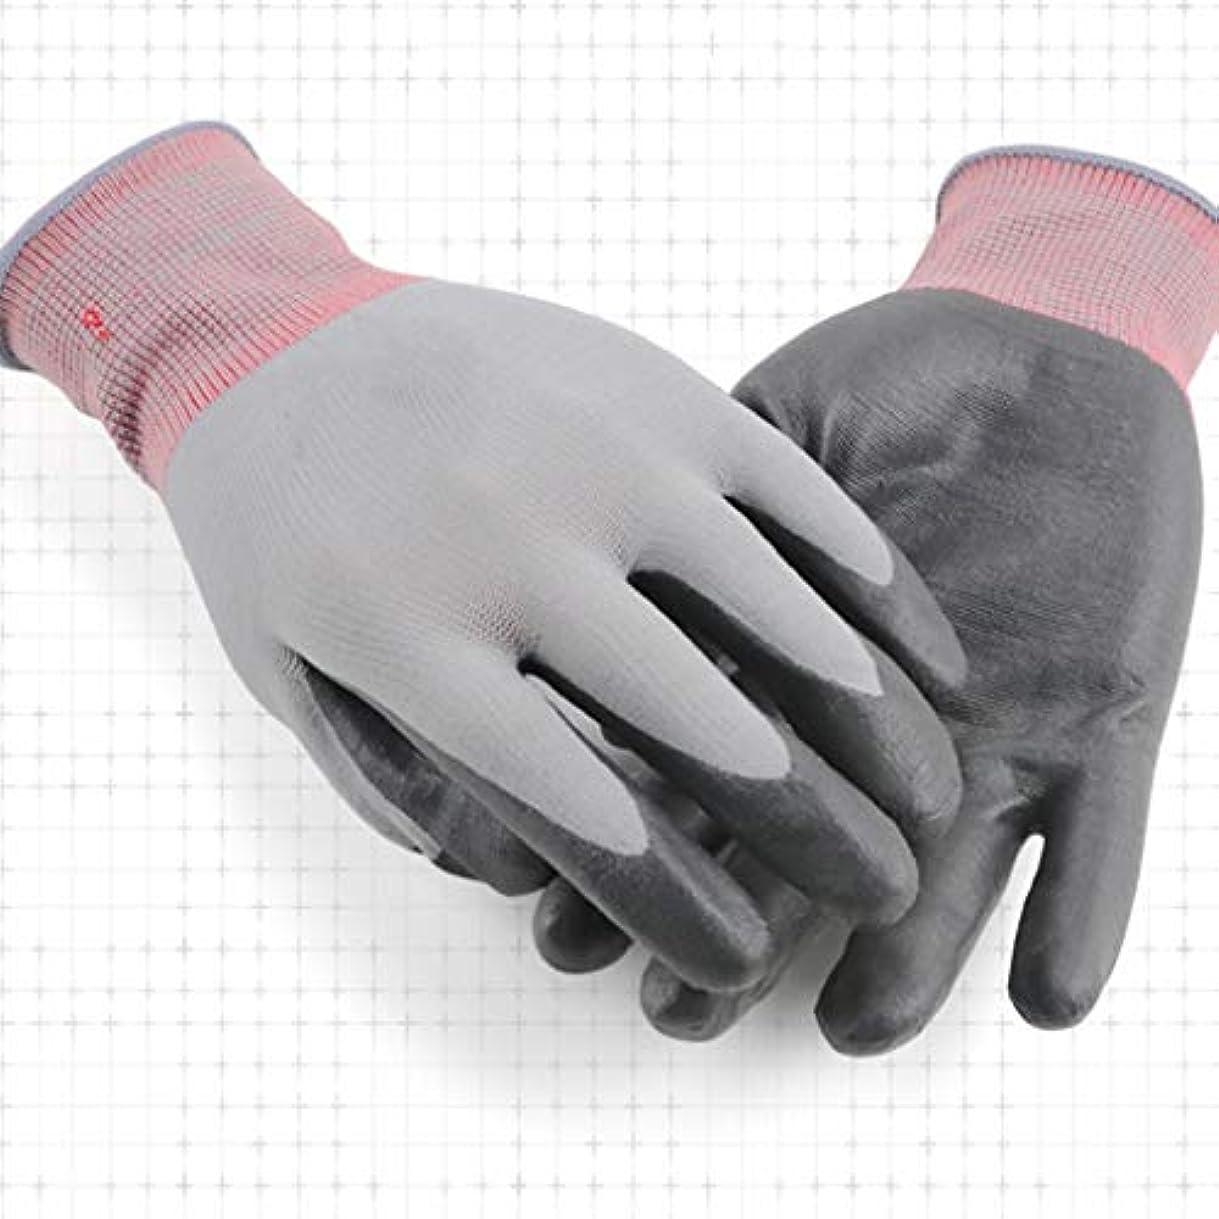 倫理的請求可能粘土LIUXIN 労働保護手袋、突き刺さり防止の園芸用手袋、防水および抗強度、耐摩耗性および通気性、植付用保護手袋、マルチサイズオプション ゴム手袋 (Size : L)